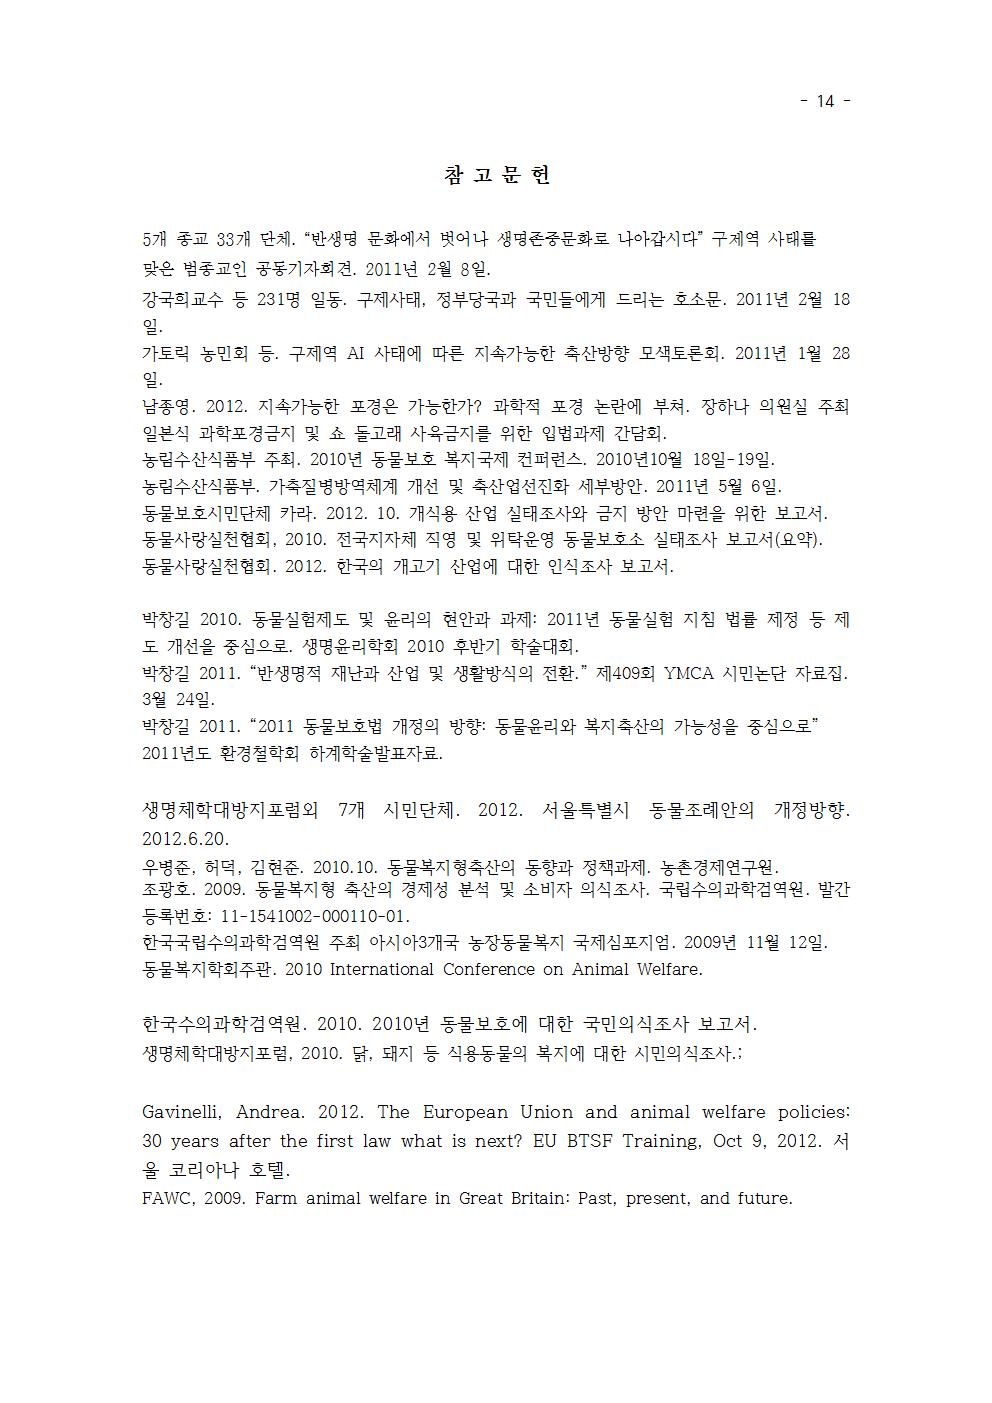 제안서_2012_대선3후보_게시_단축017.png